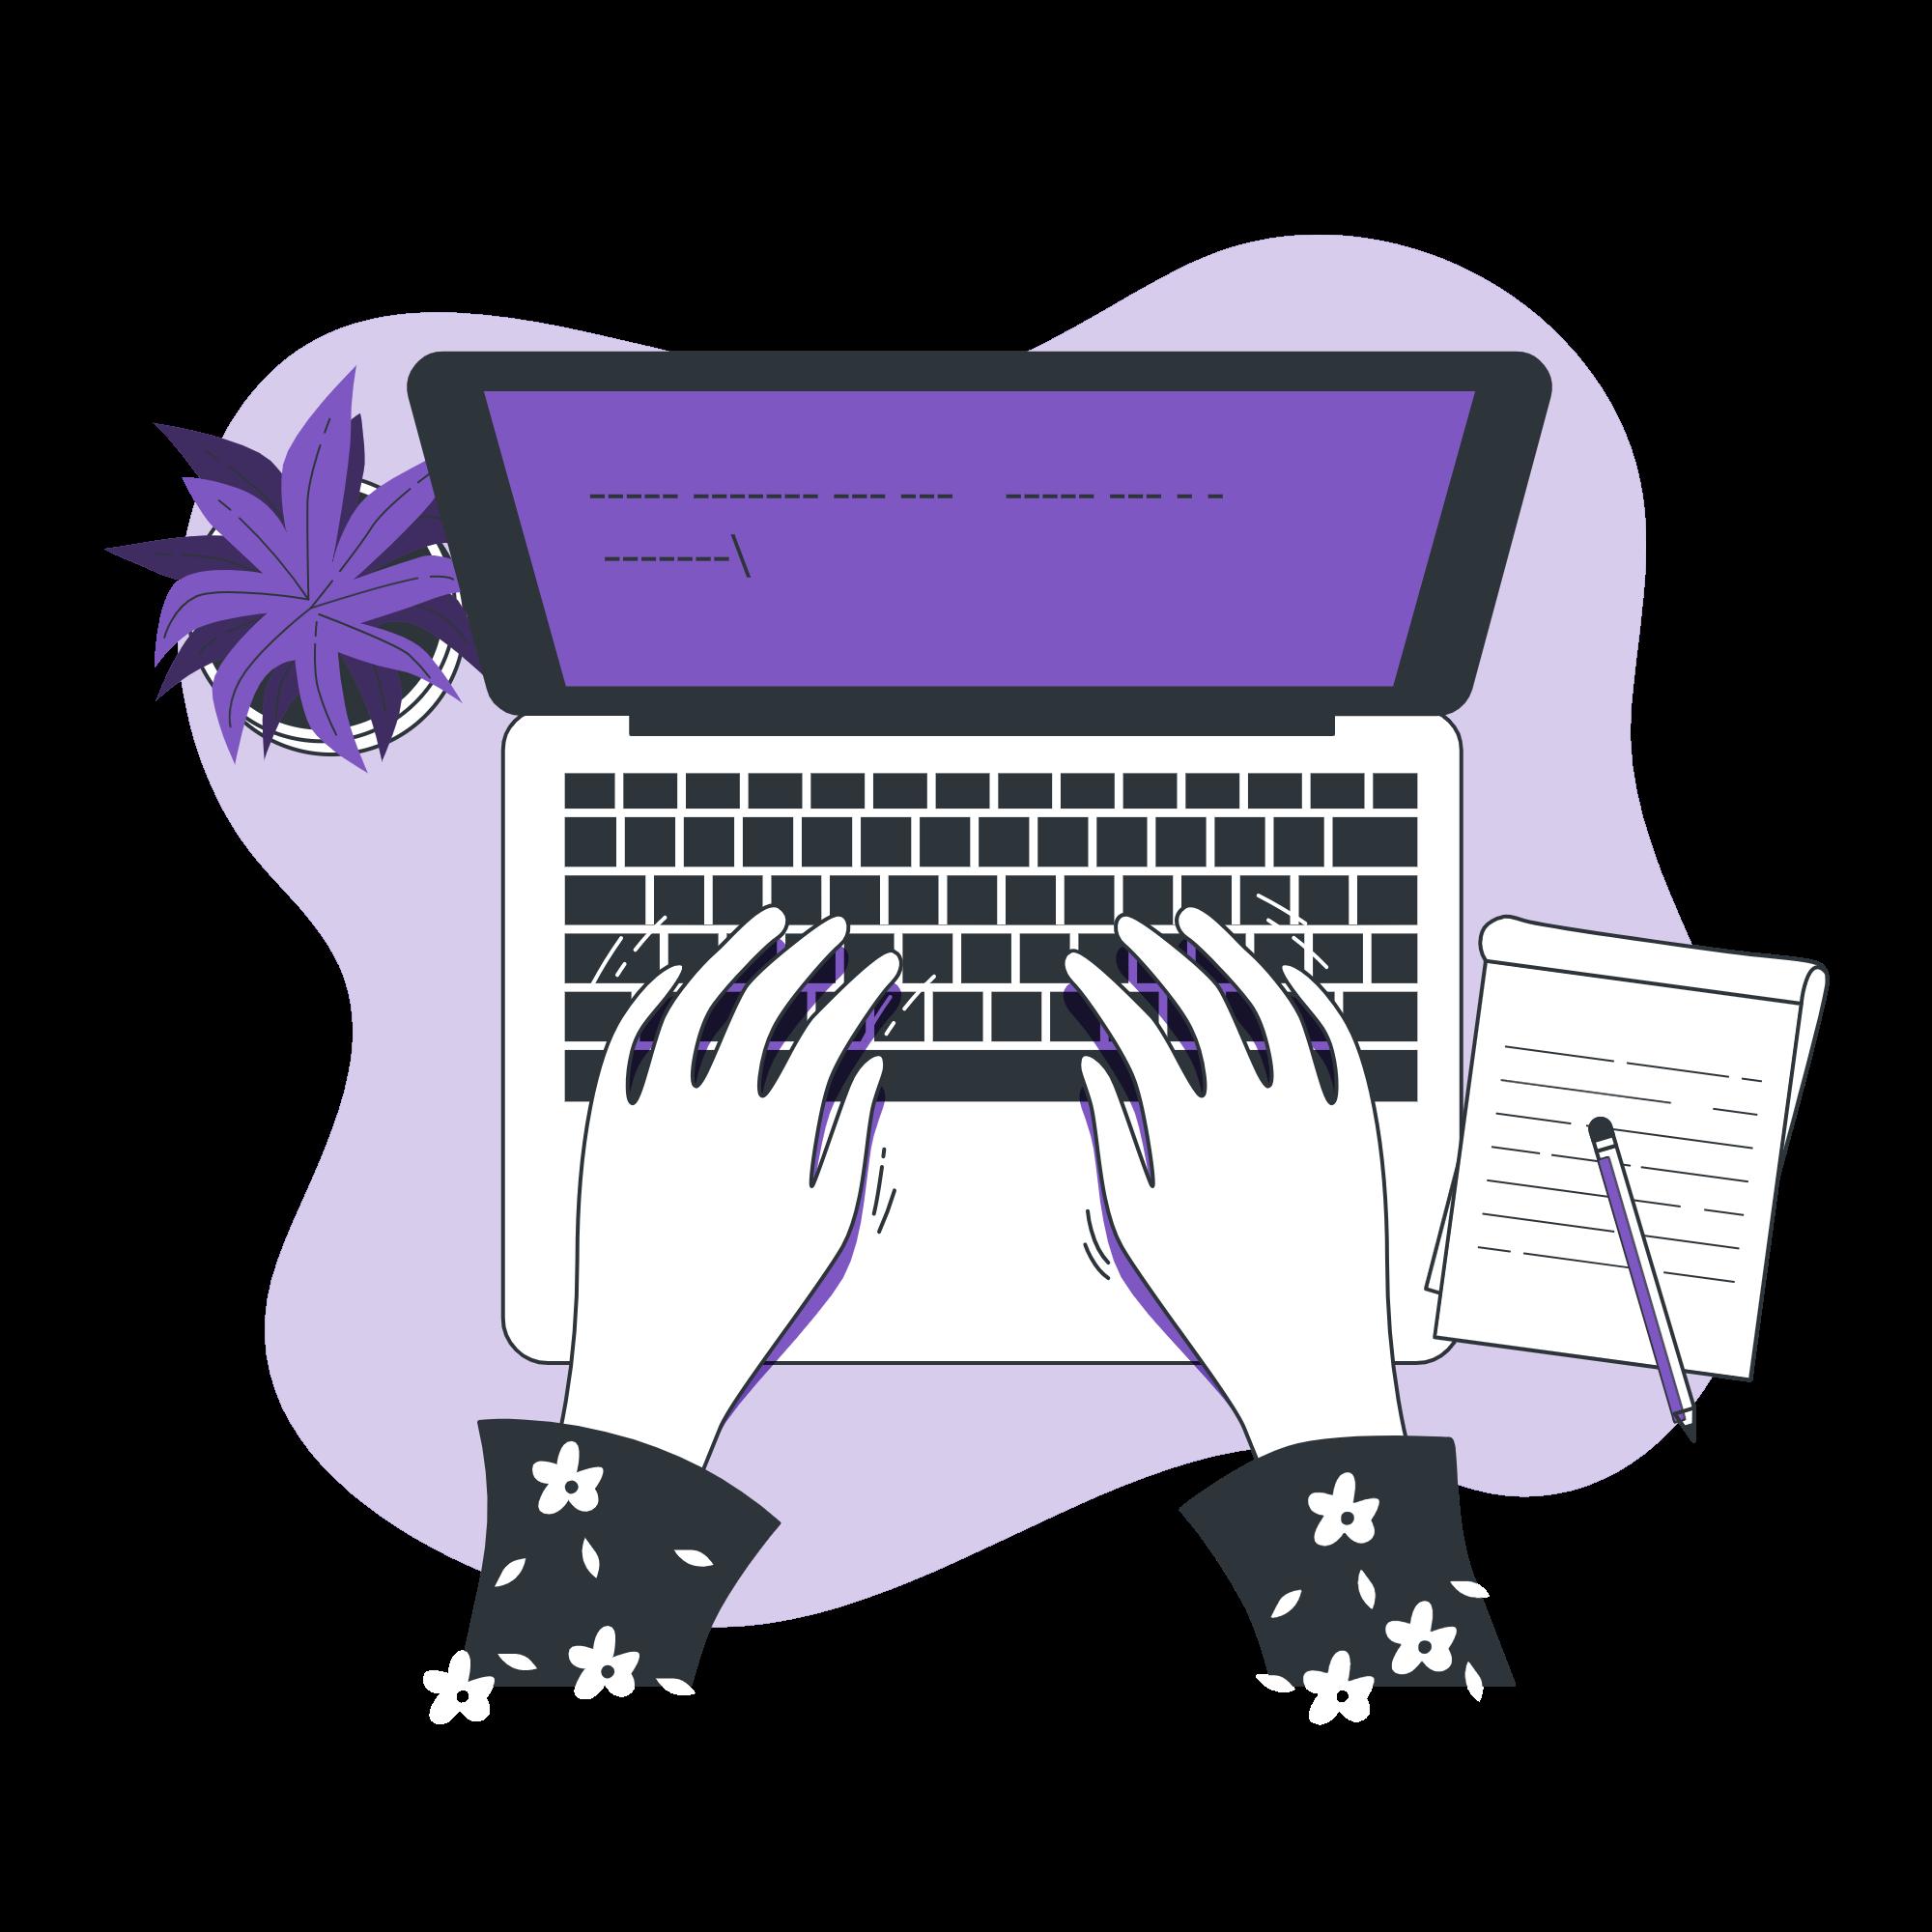 Rental idea: stock up on laptops